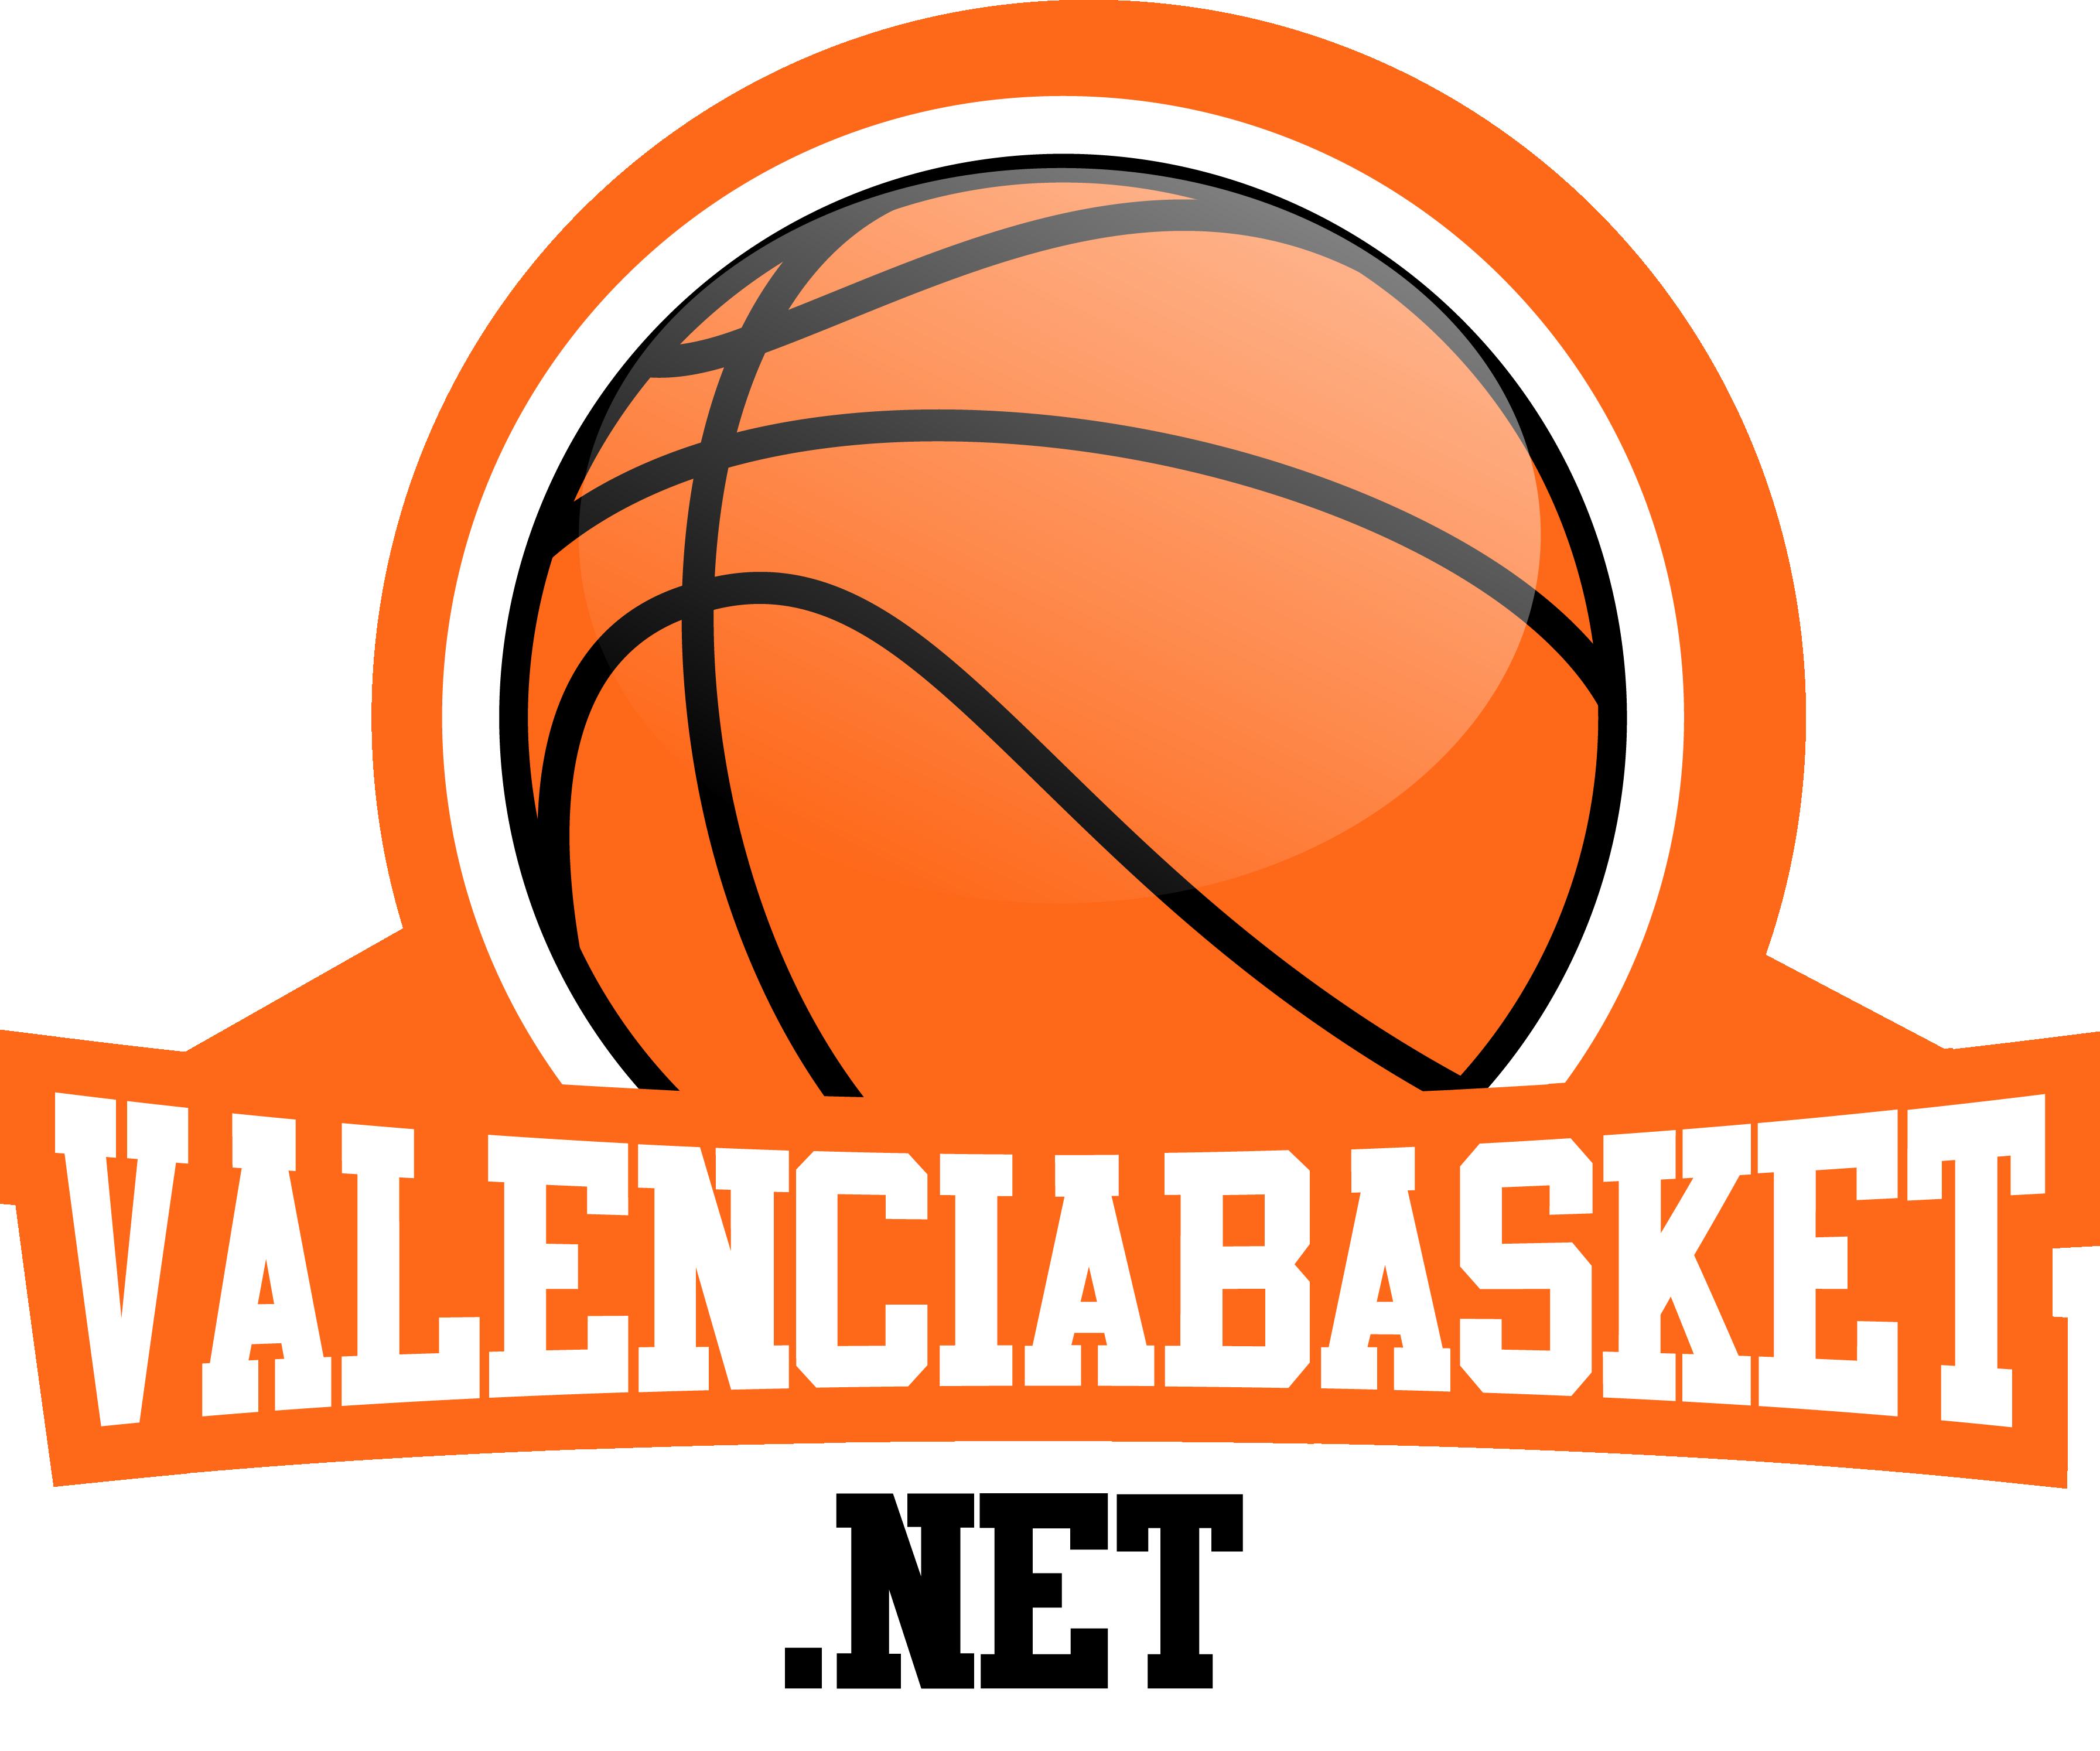 Valencia Basket - Noticias